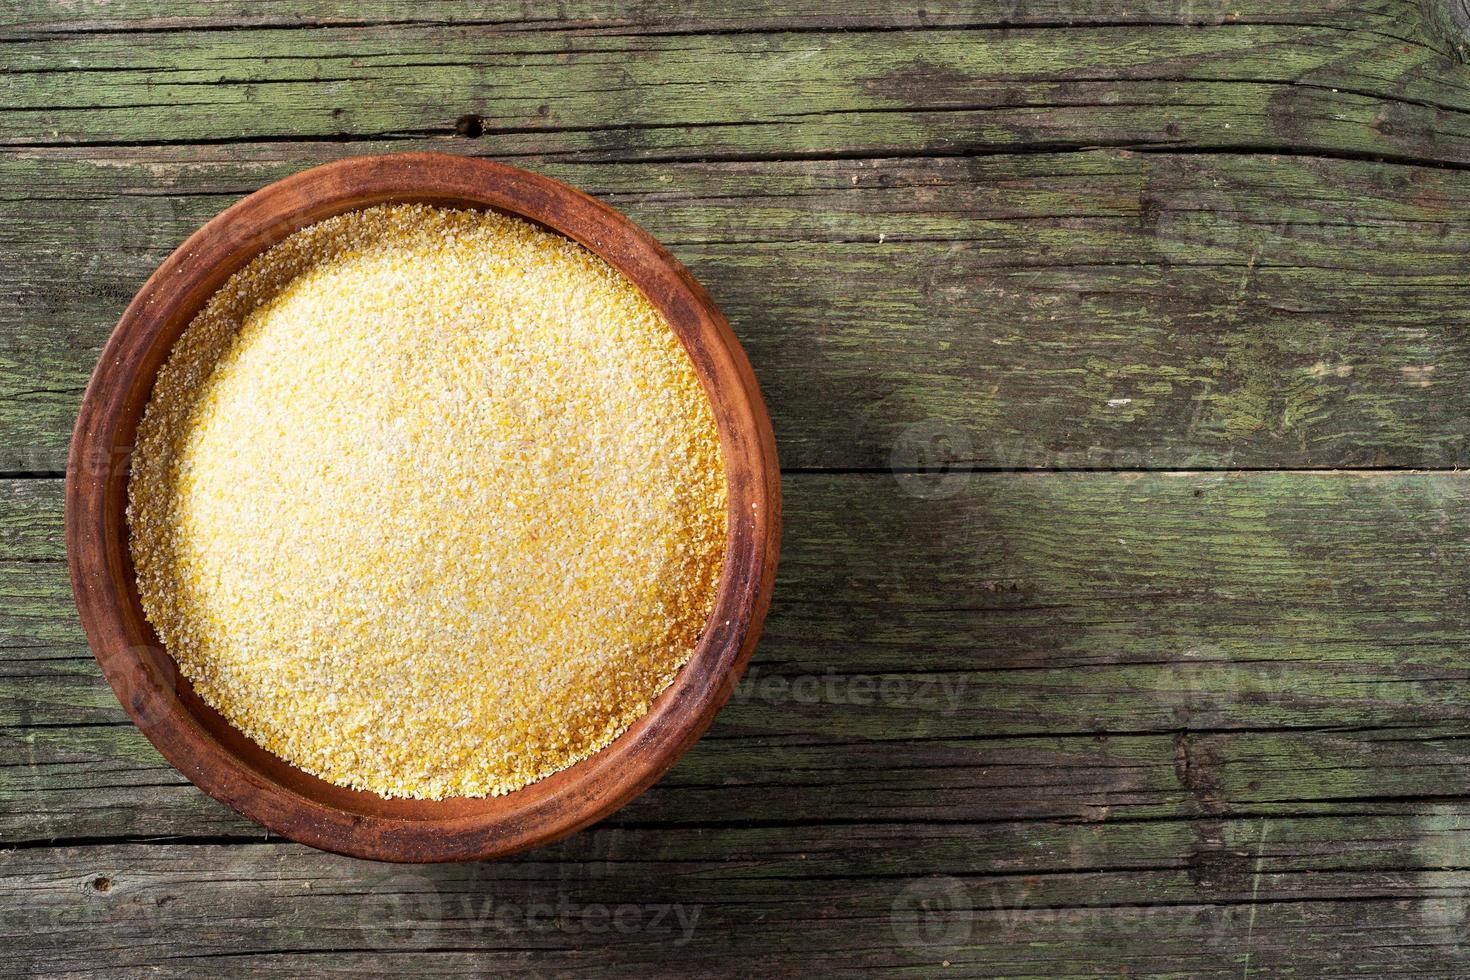 Repas de maïs et bol en céramique sur table en bois photo